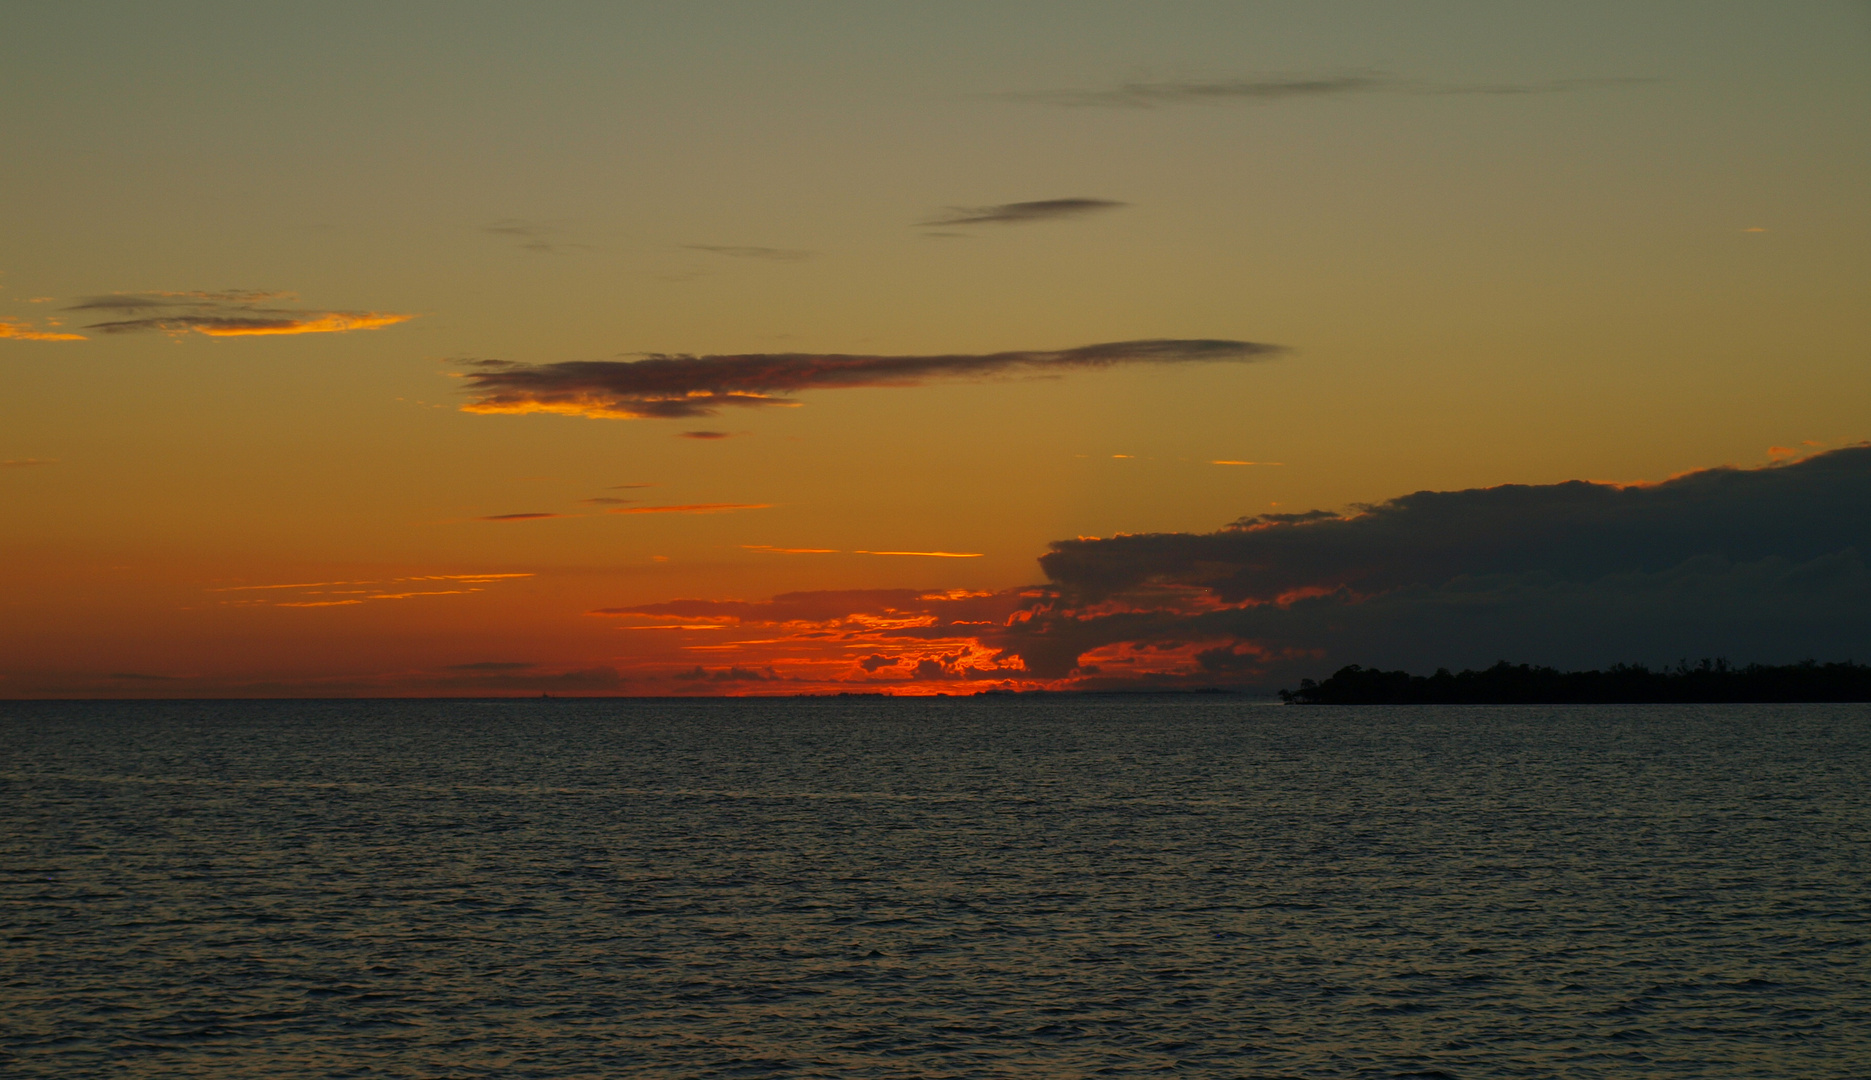 Karibischer Sonnenuntergang